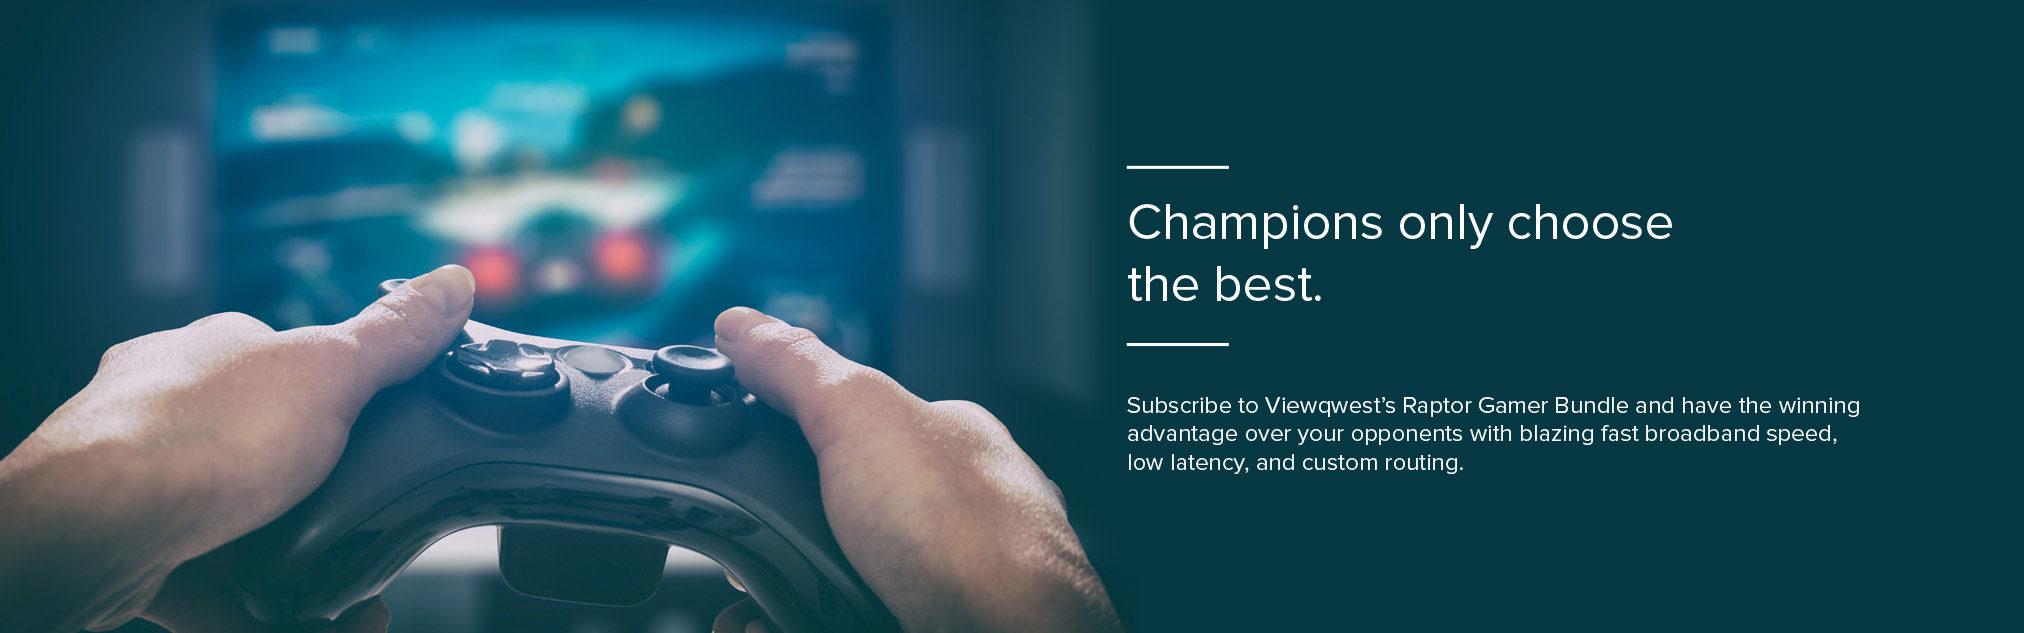 PC Show 1Gbps Fibre Broadband